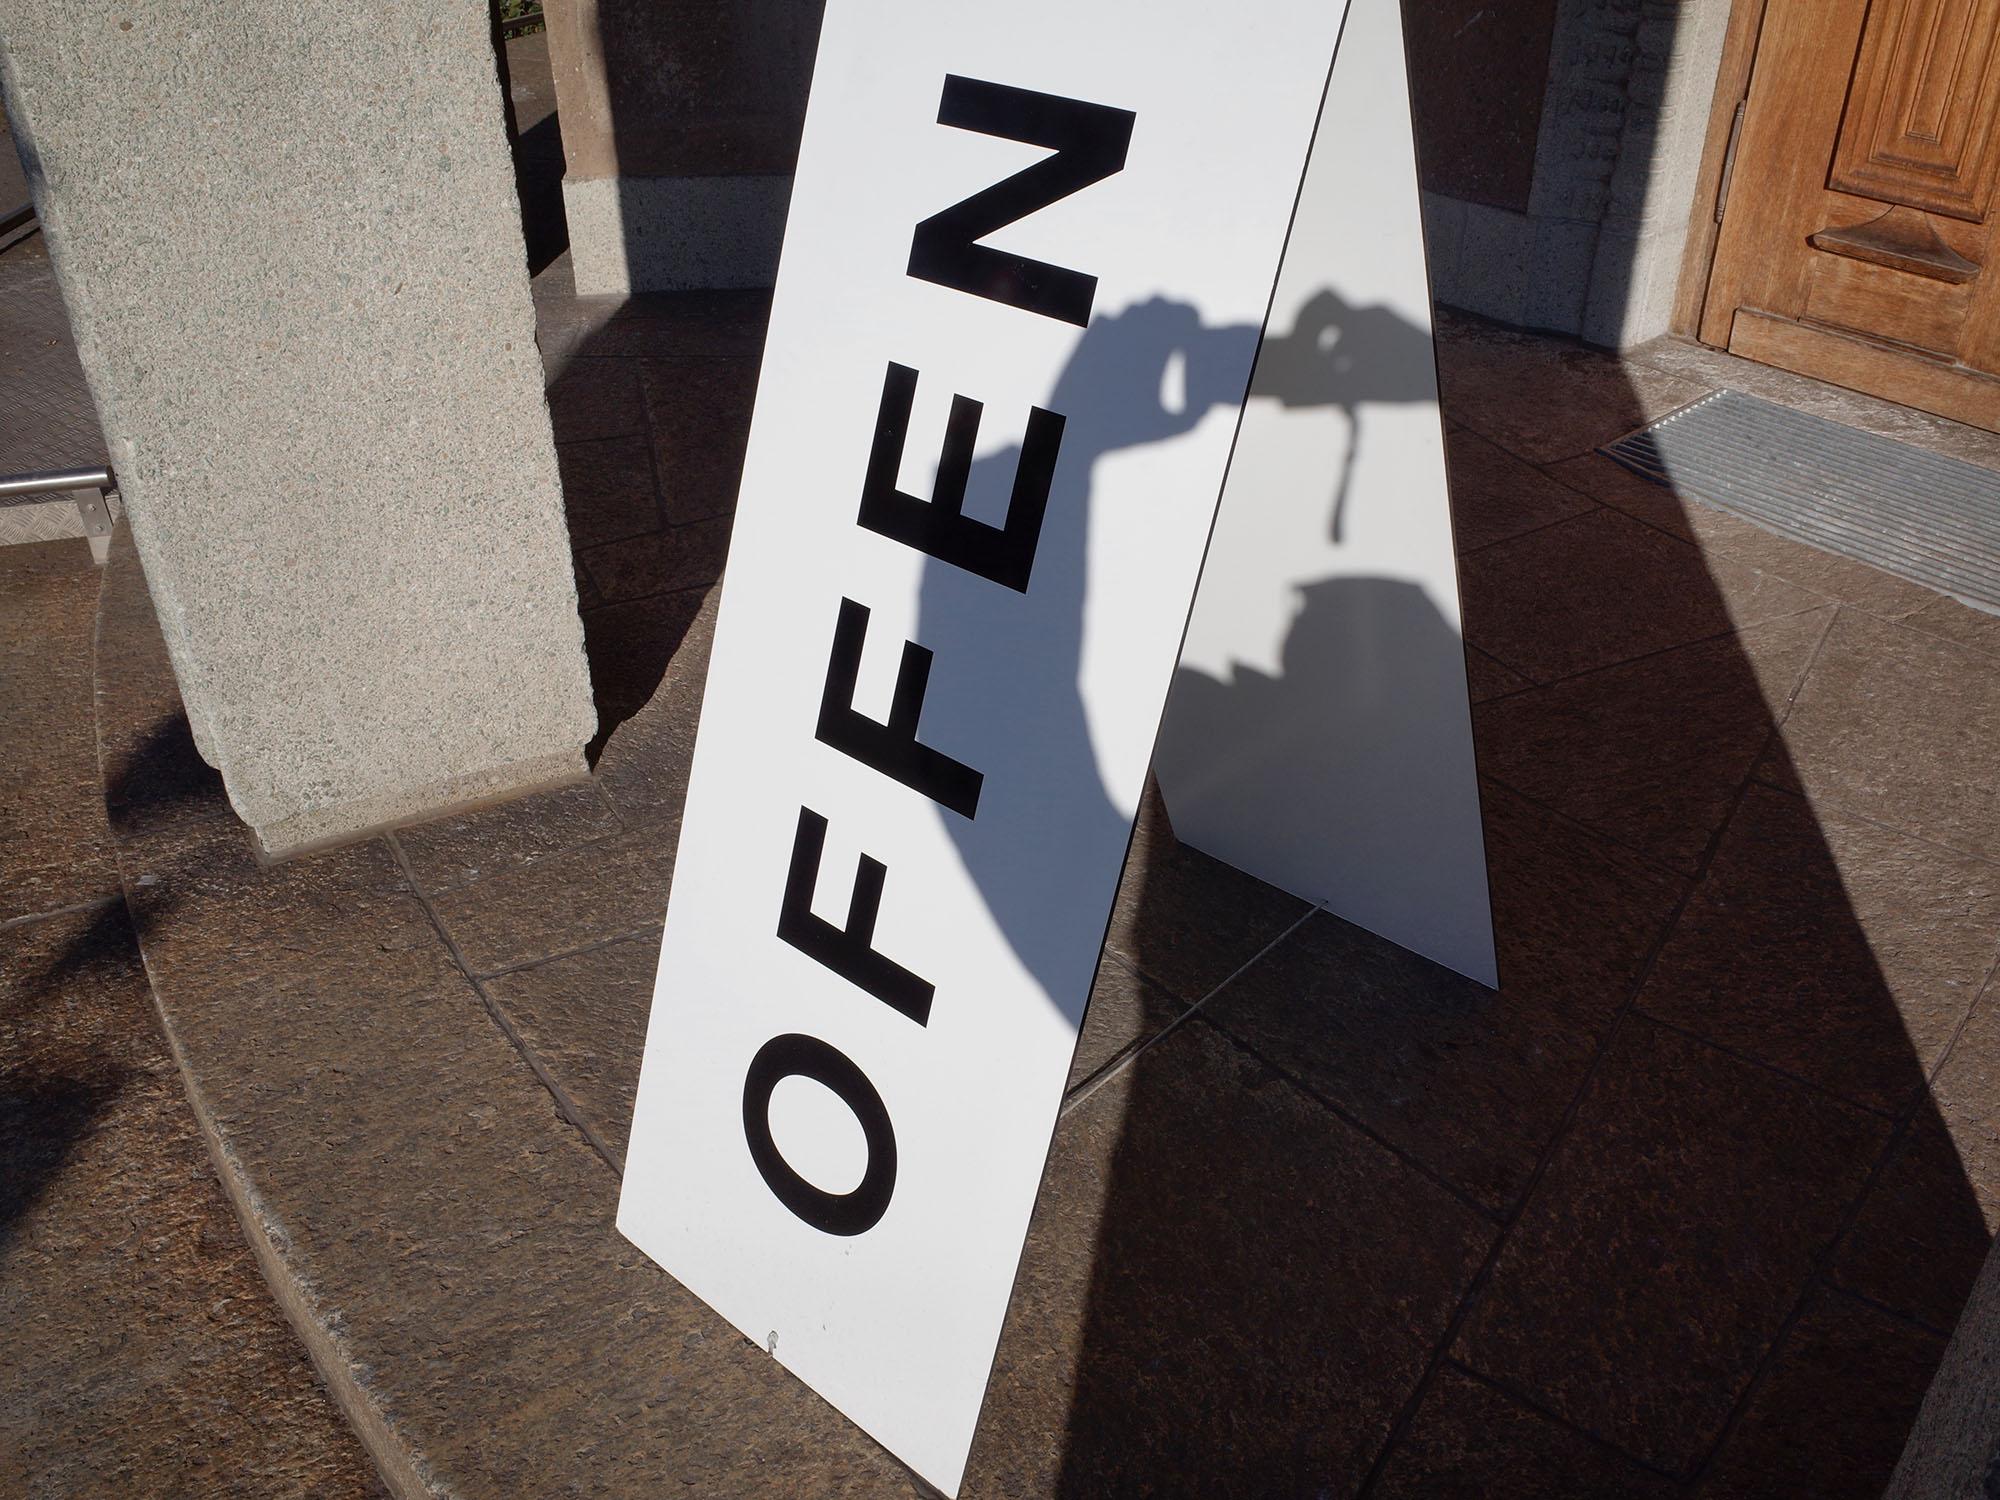 kunsthalle-berne-open